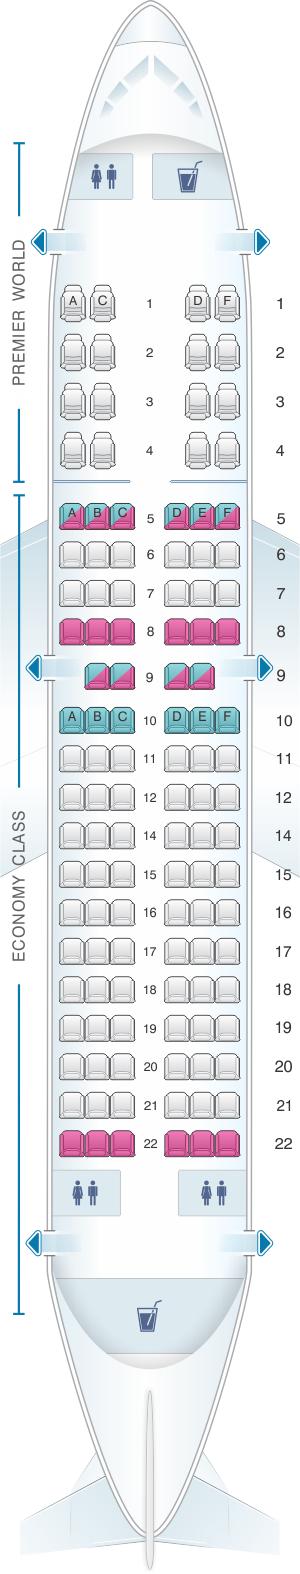 Seat map for Kenya Airways Boeing B737 700